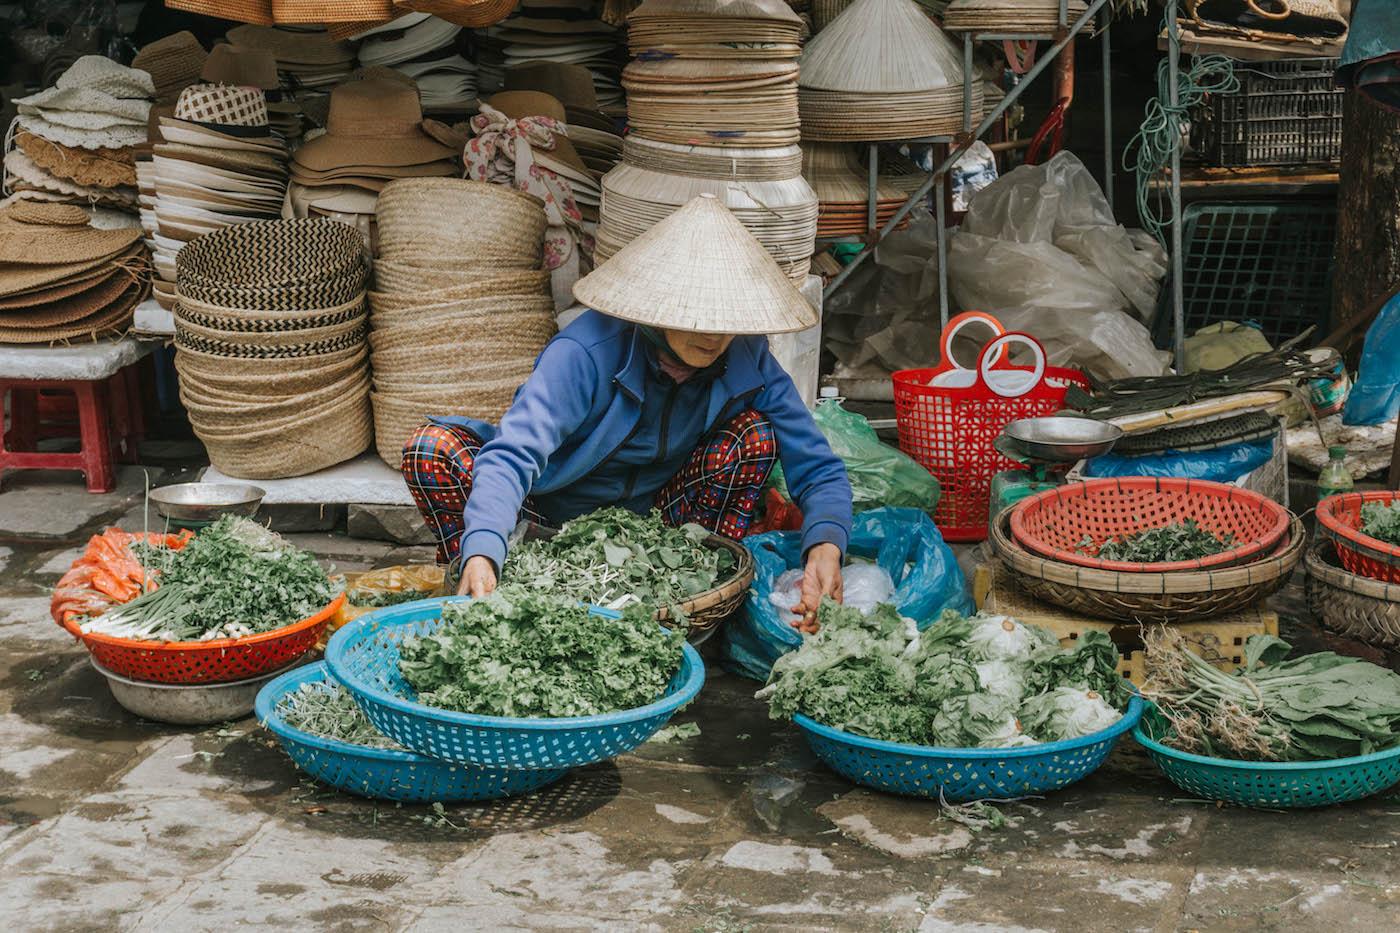 Vegetarisch Essen in Vietnam Food Guide